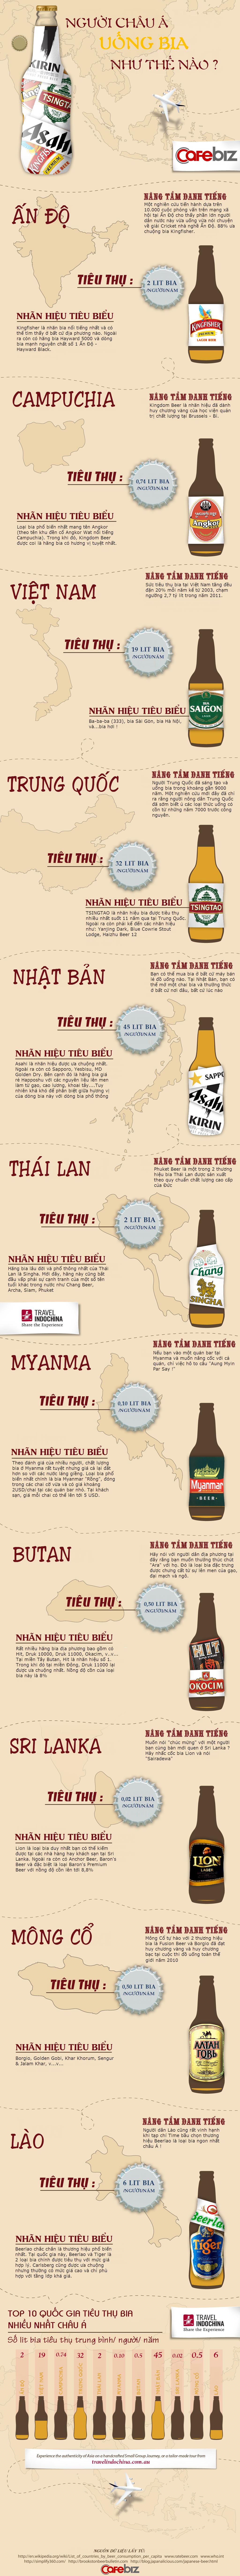 [Infographic] Người châu Á uống những loại bia gì? (1)